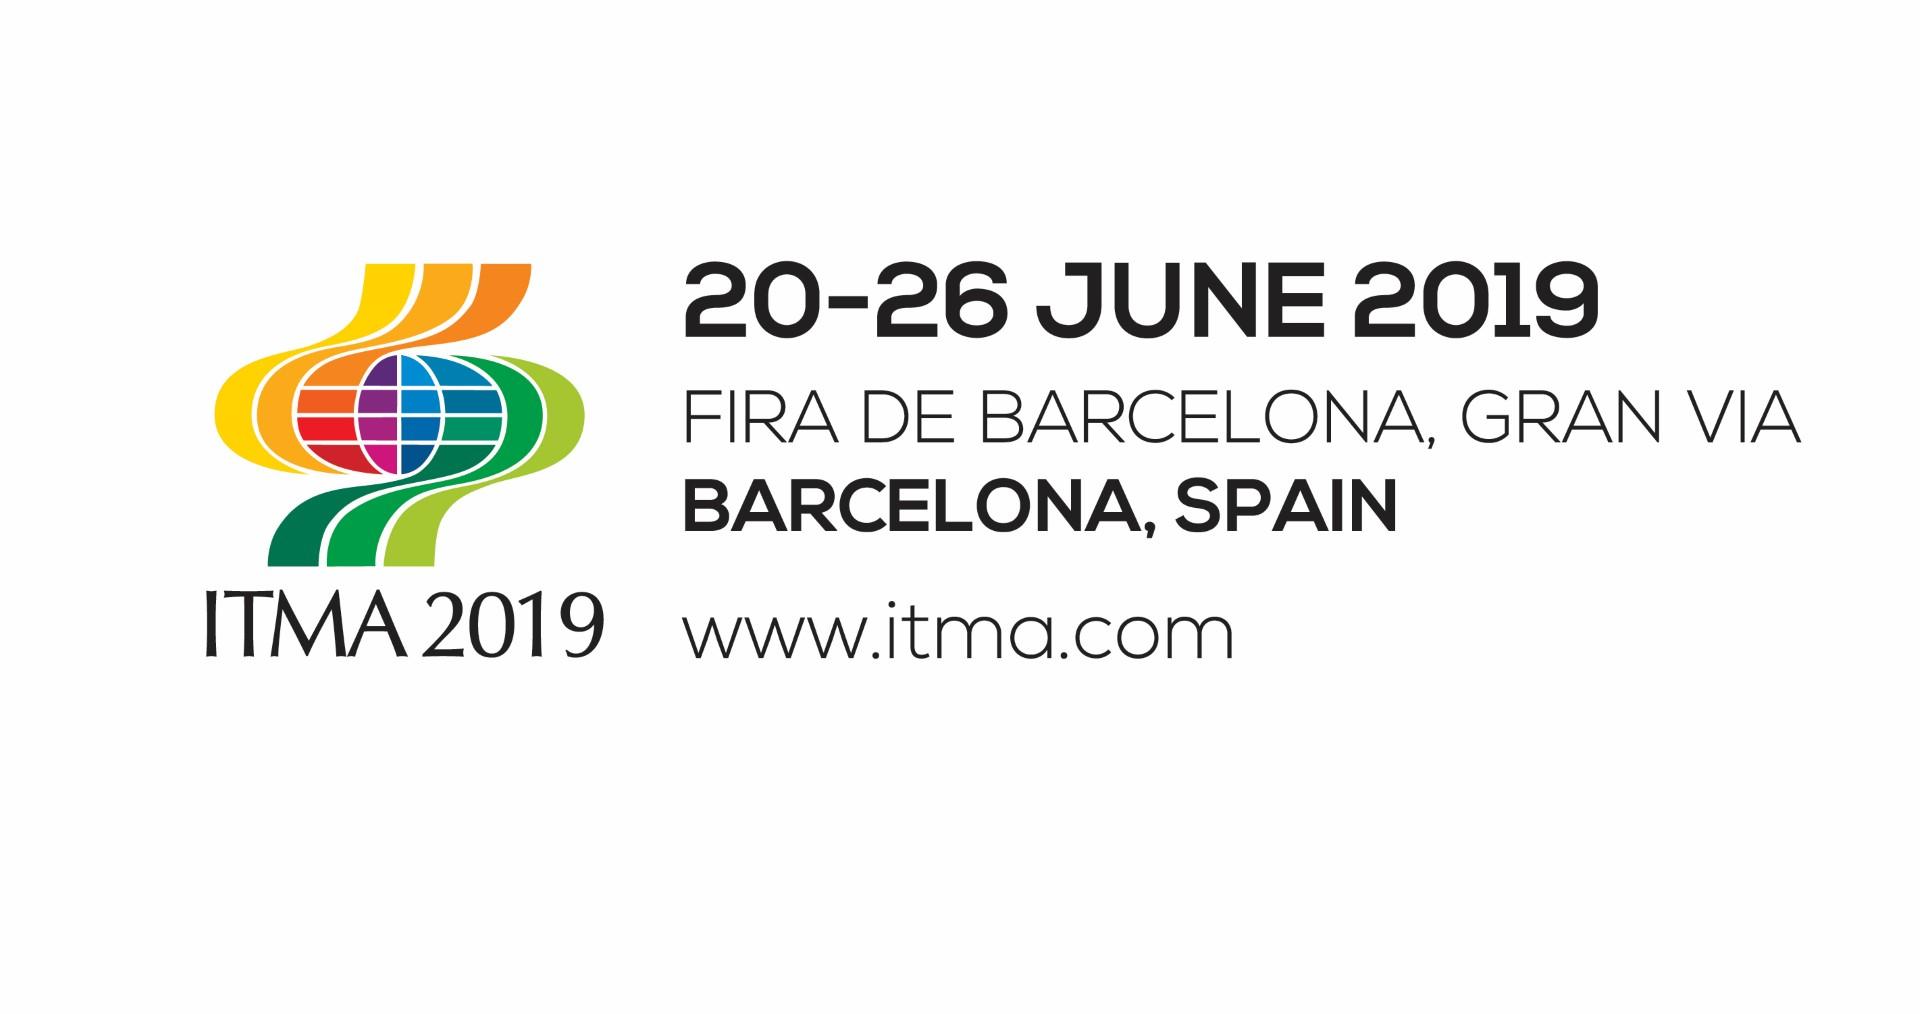 ITMA 2019 Fuarına Yoğun Talep